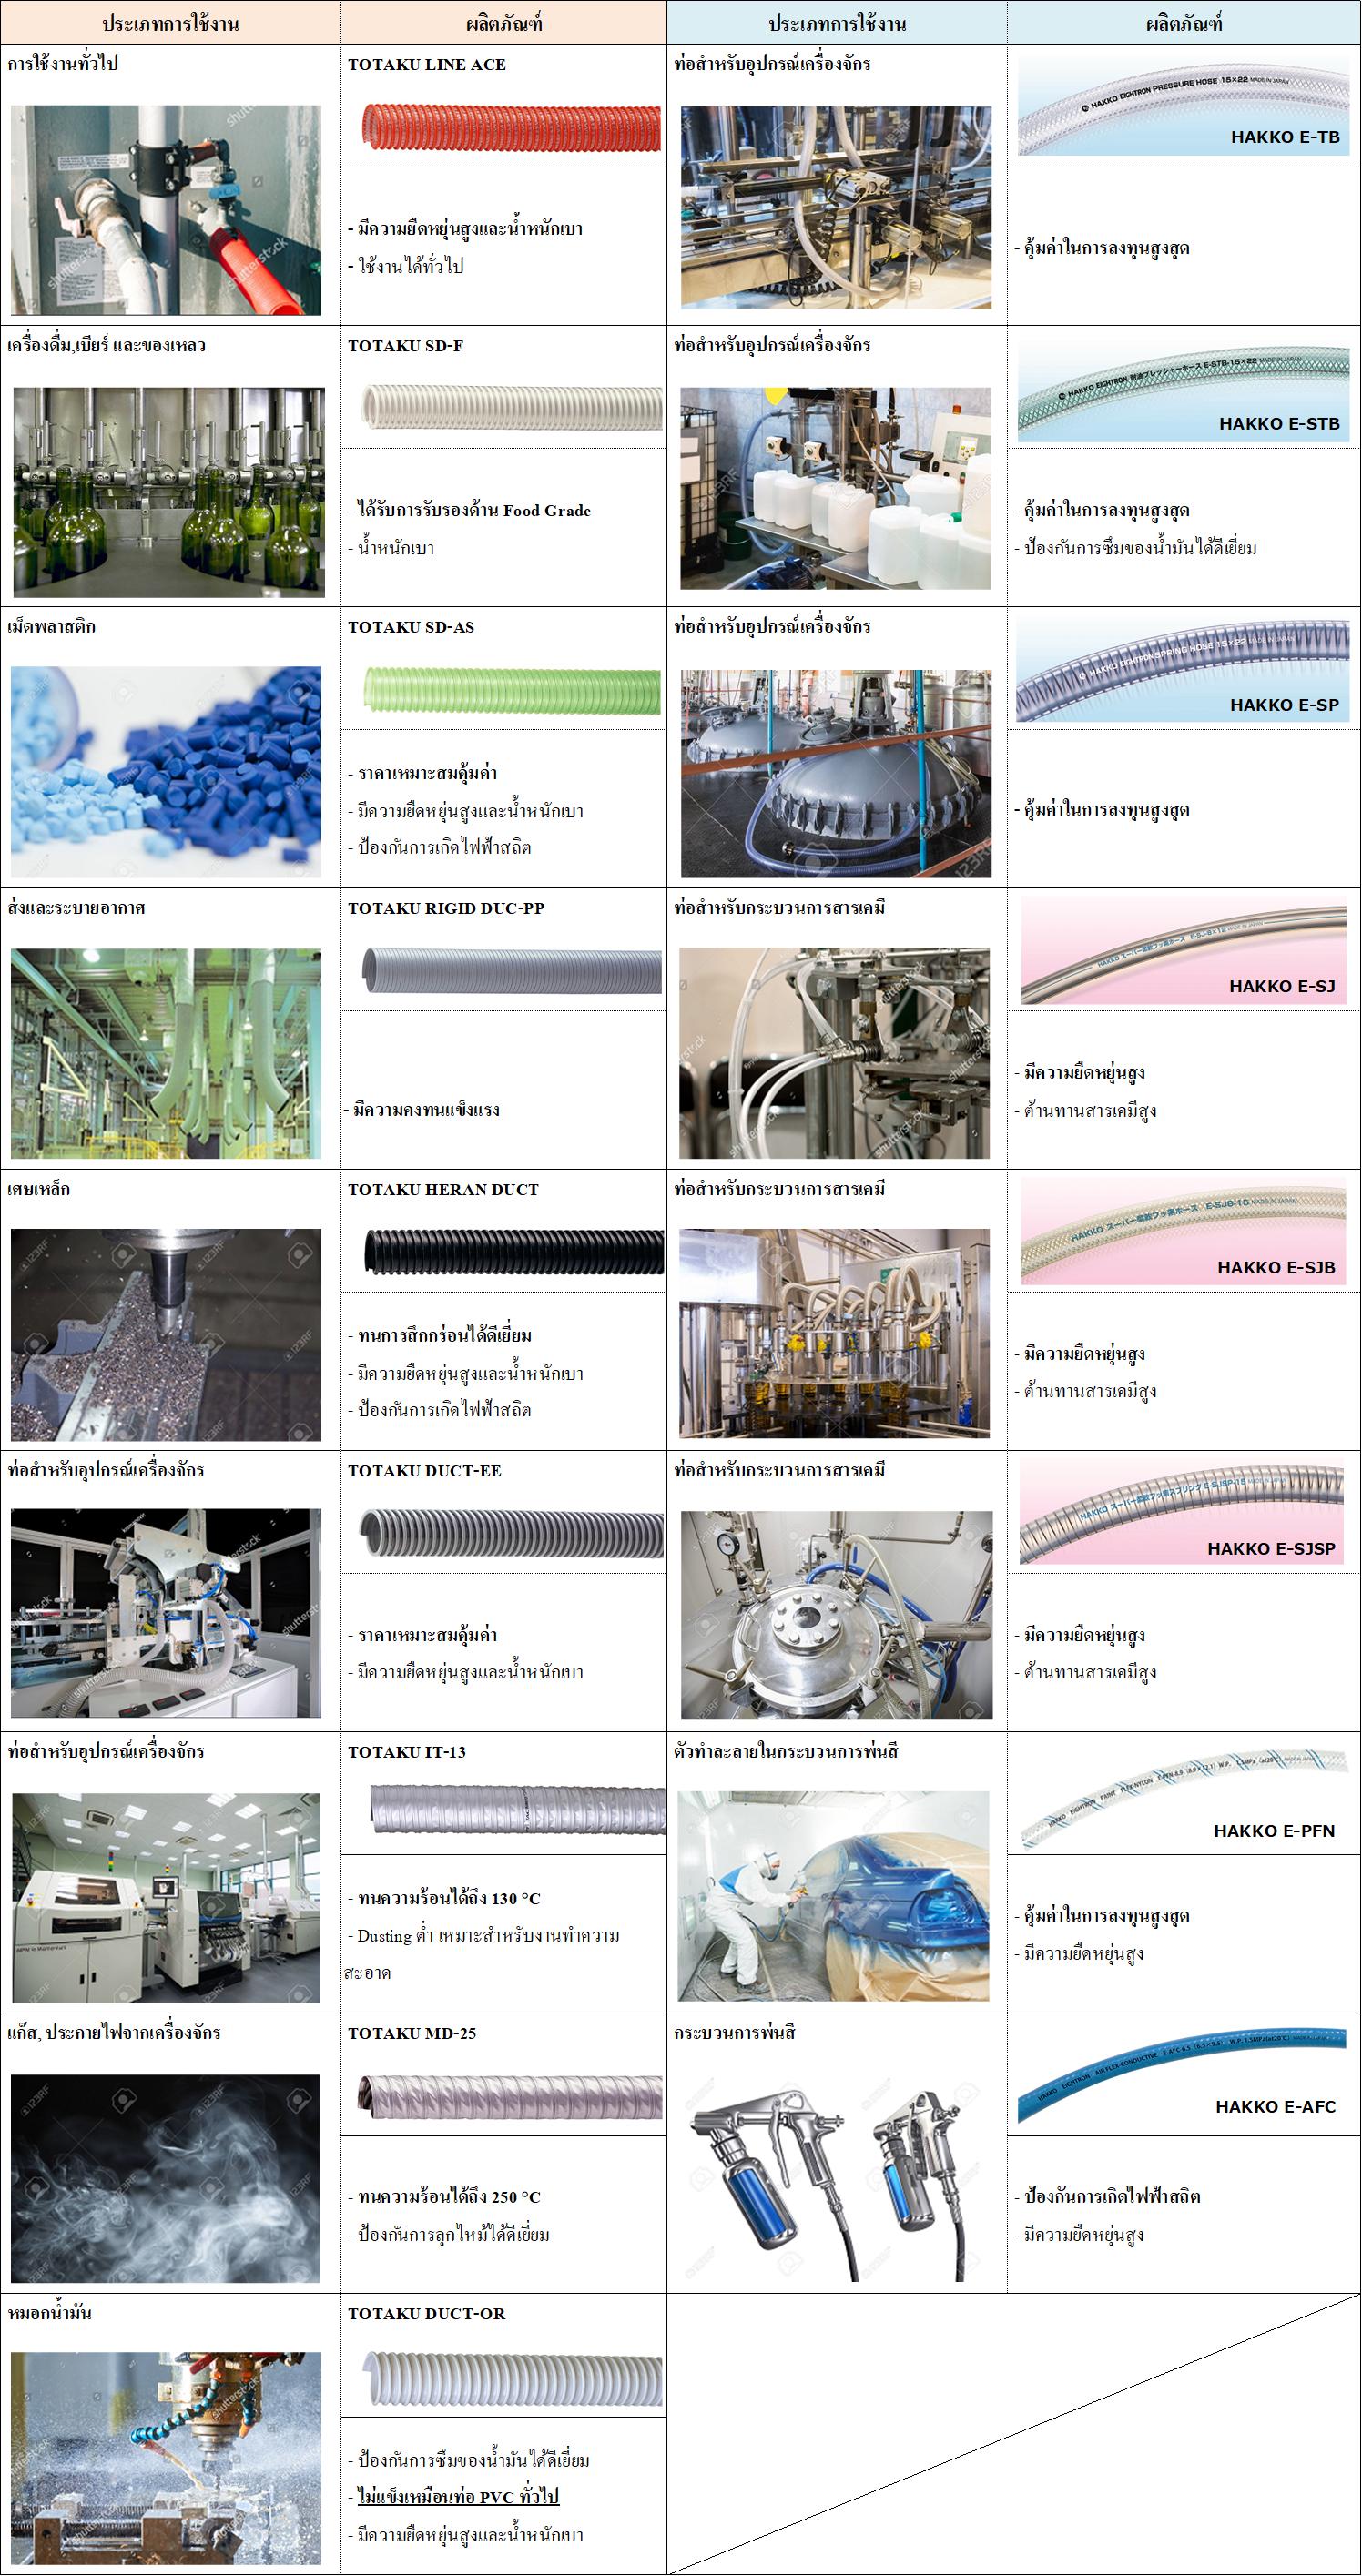 ประเภทการใช้งาน ท่อยาง ท่ออุตสาหกรรม Hakko